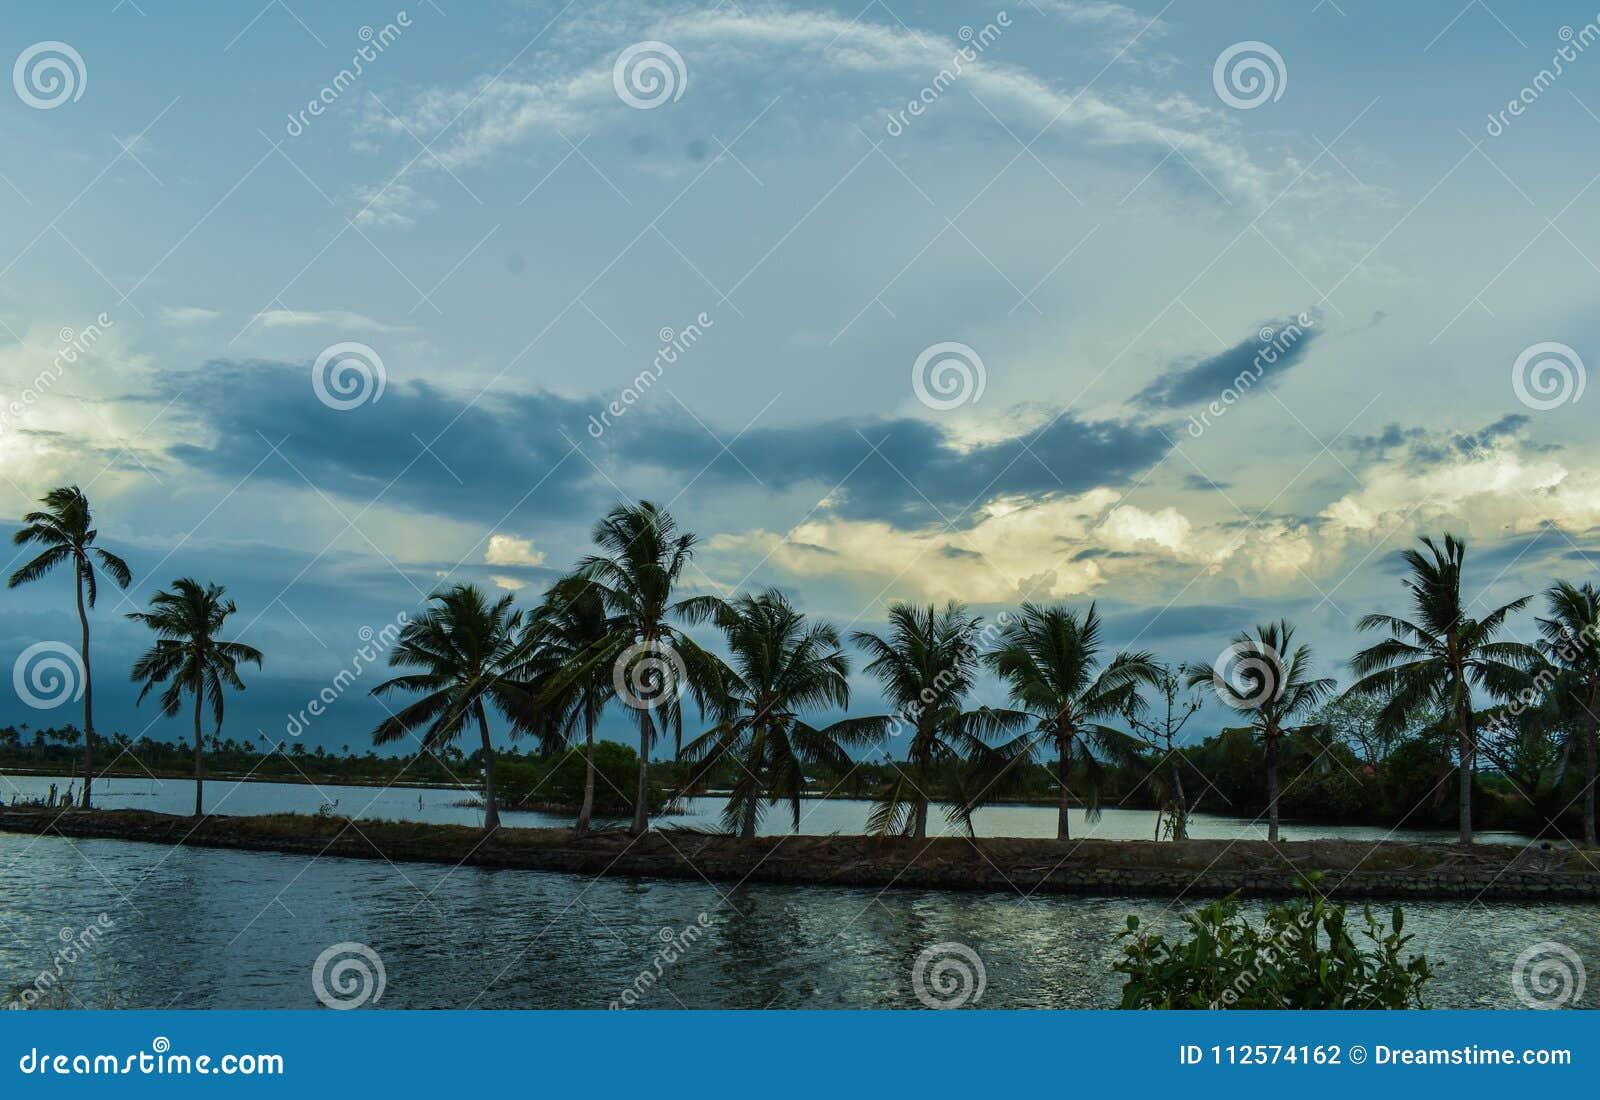 Madrugada del sur del pueblo de Kerala